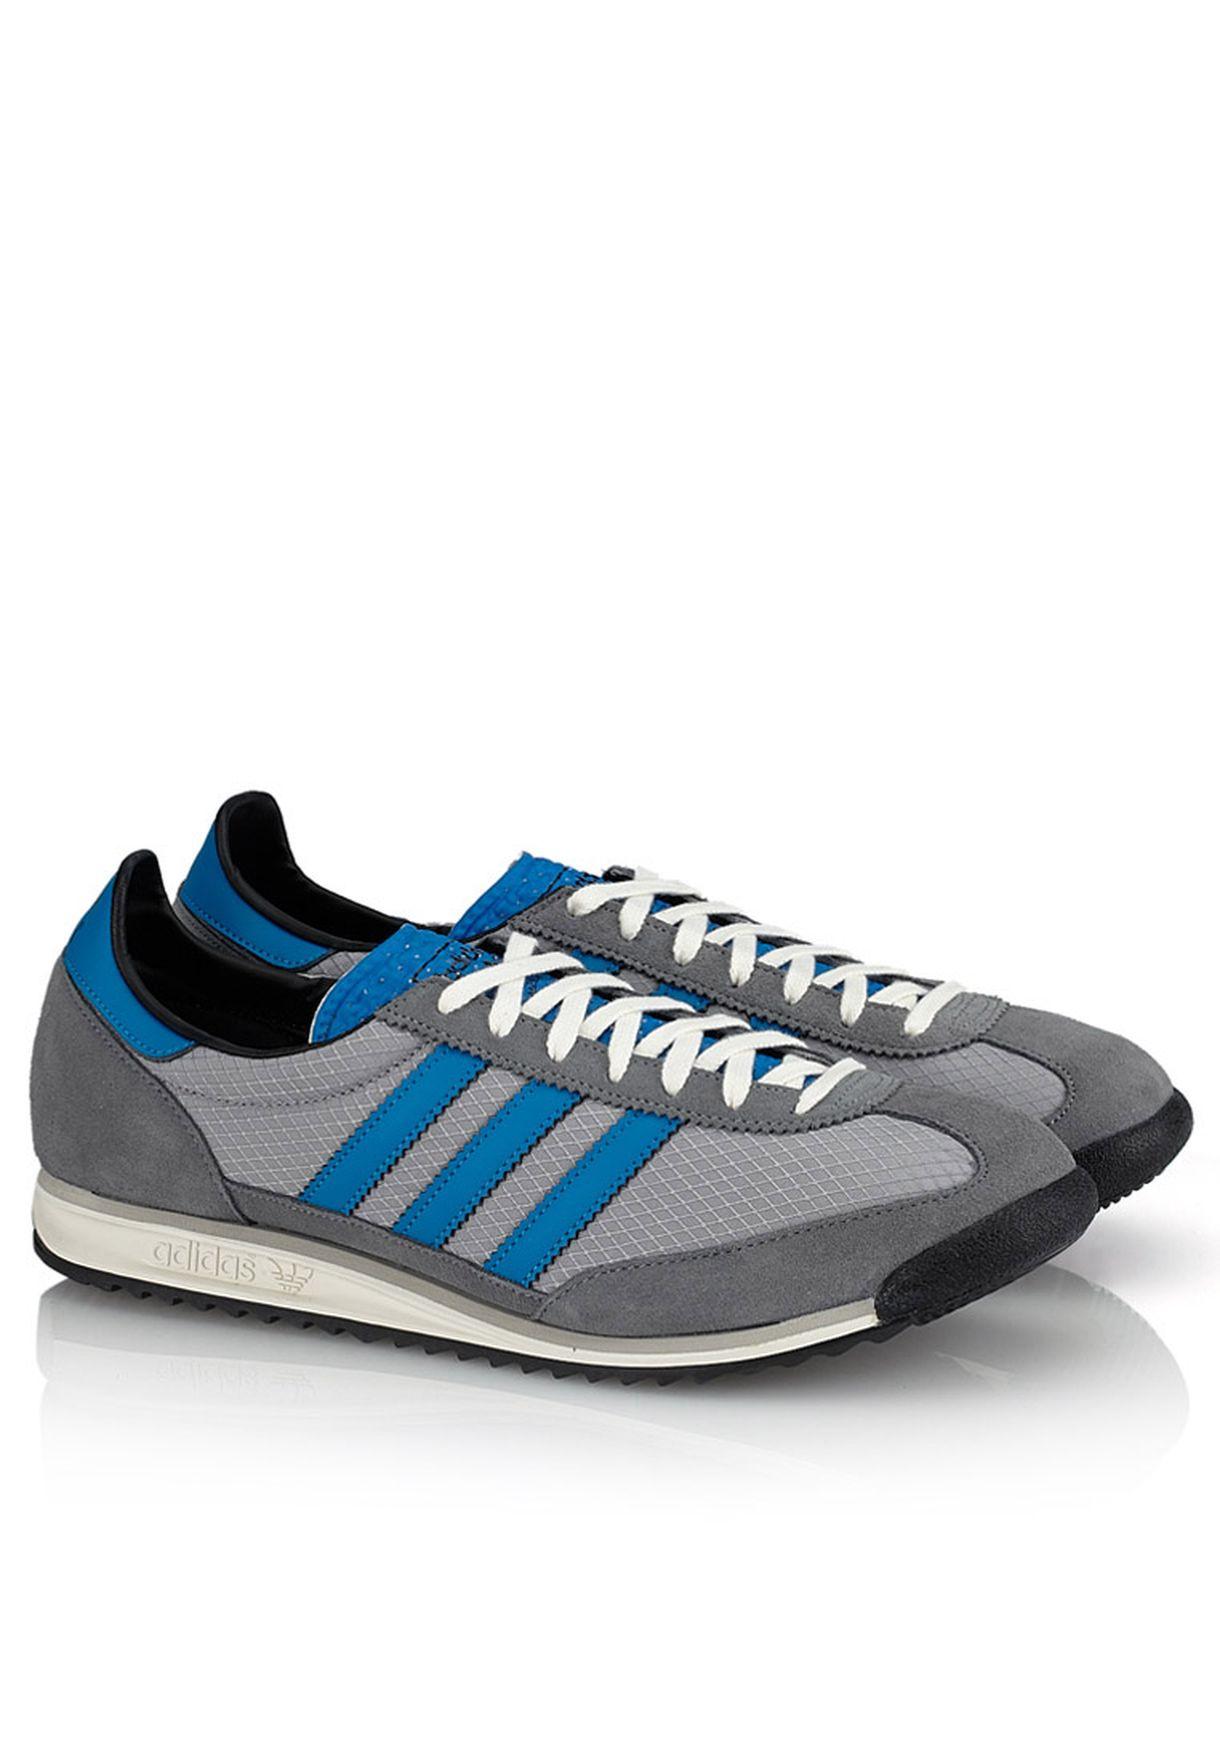 Fuente Mecánicamente Árbol de tochi  Buy adidas Originals grey SL 72 for Men in MENA, Worldwide | G96484